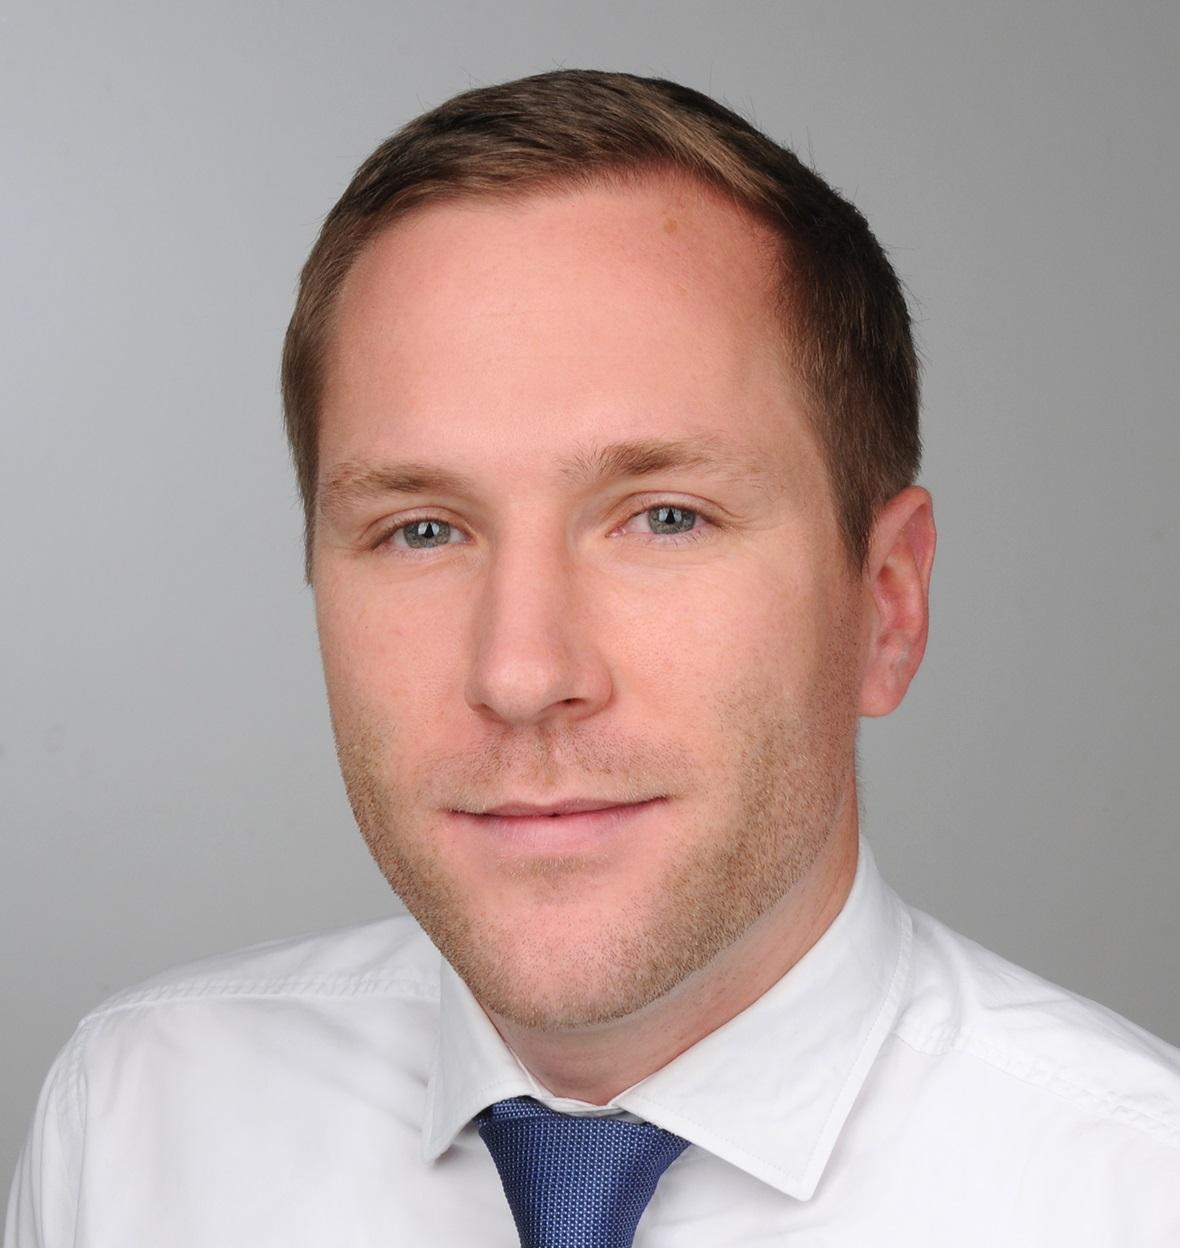 Alexander Schleicher